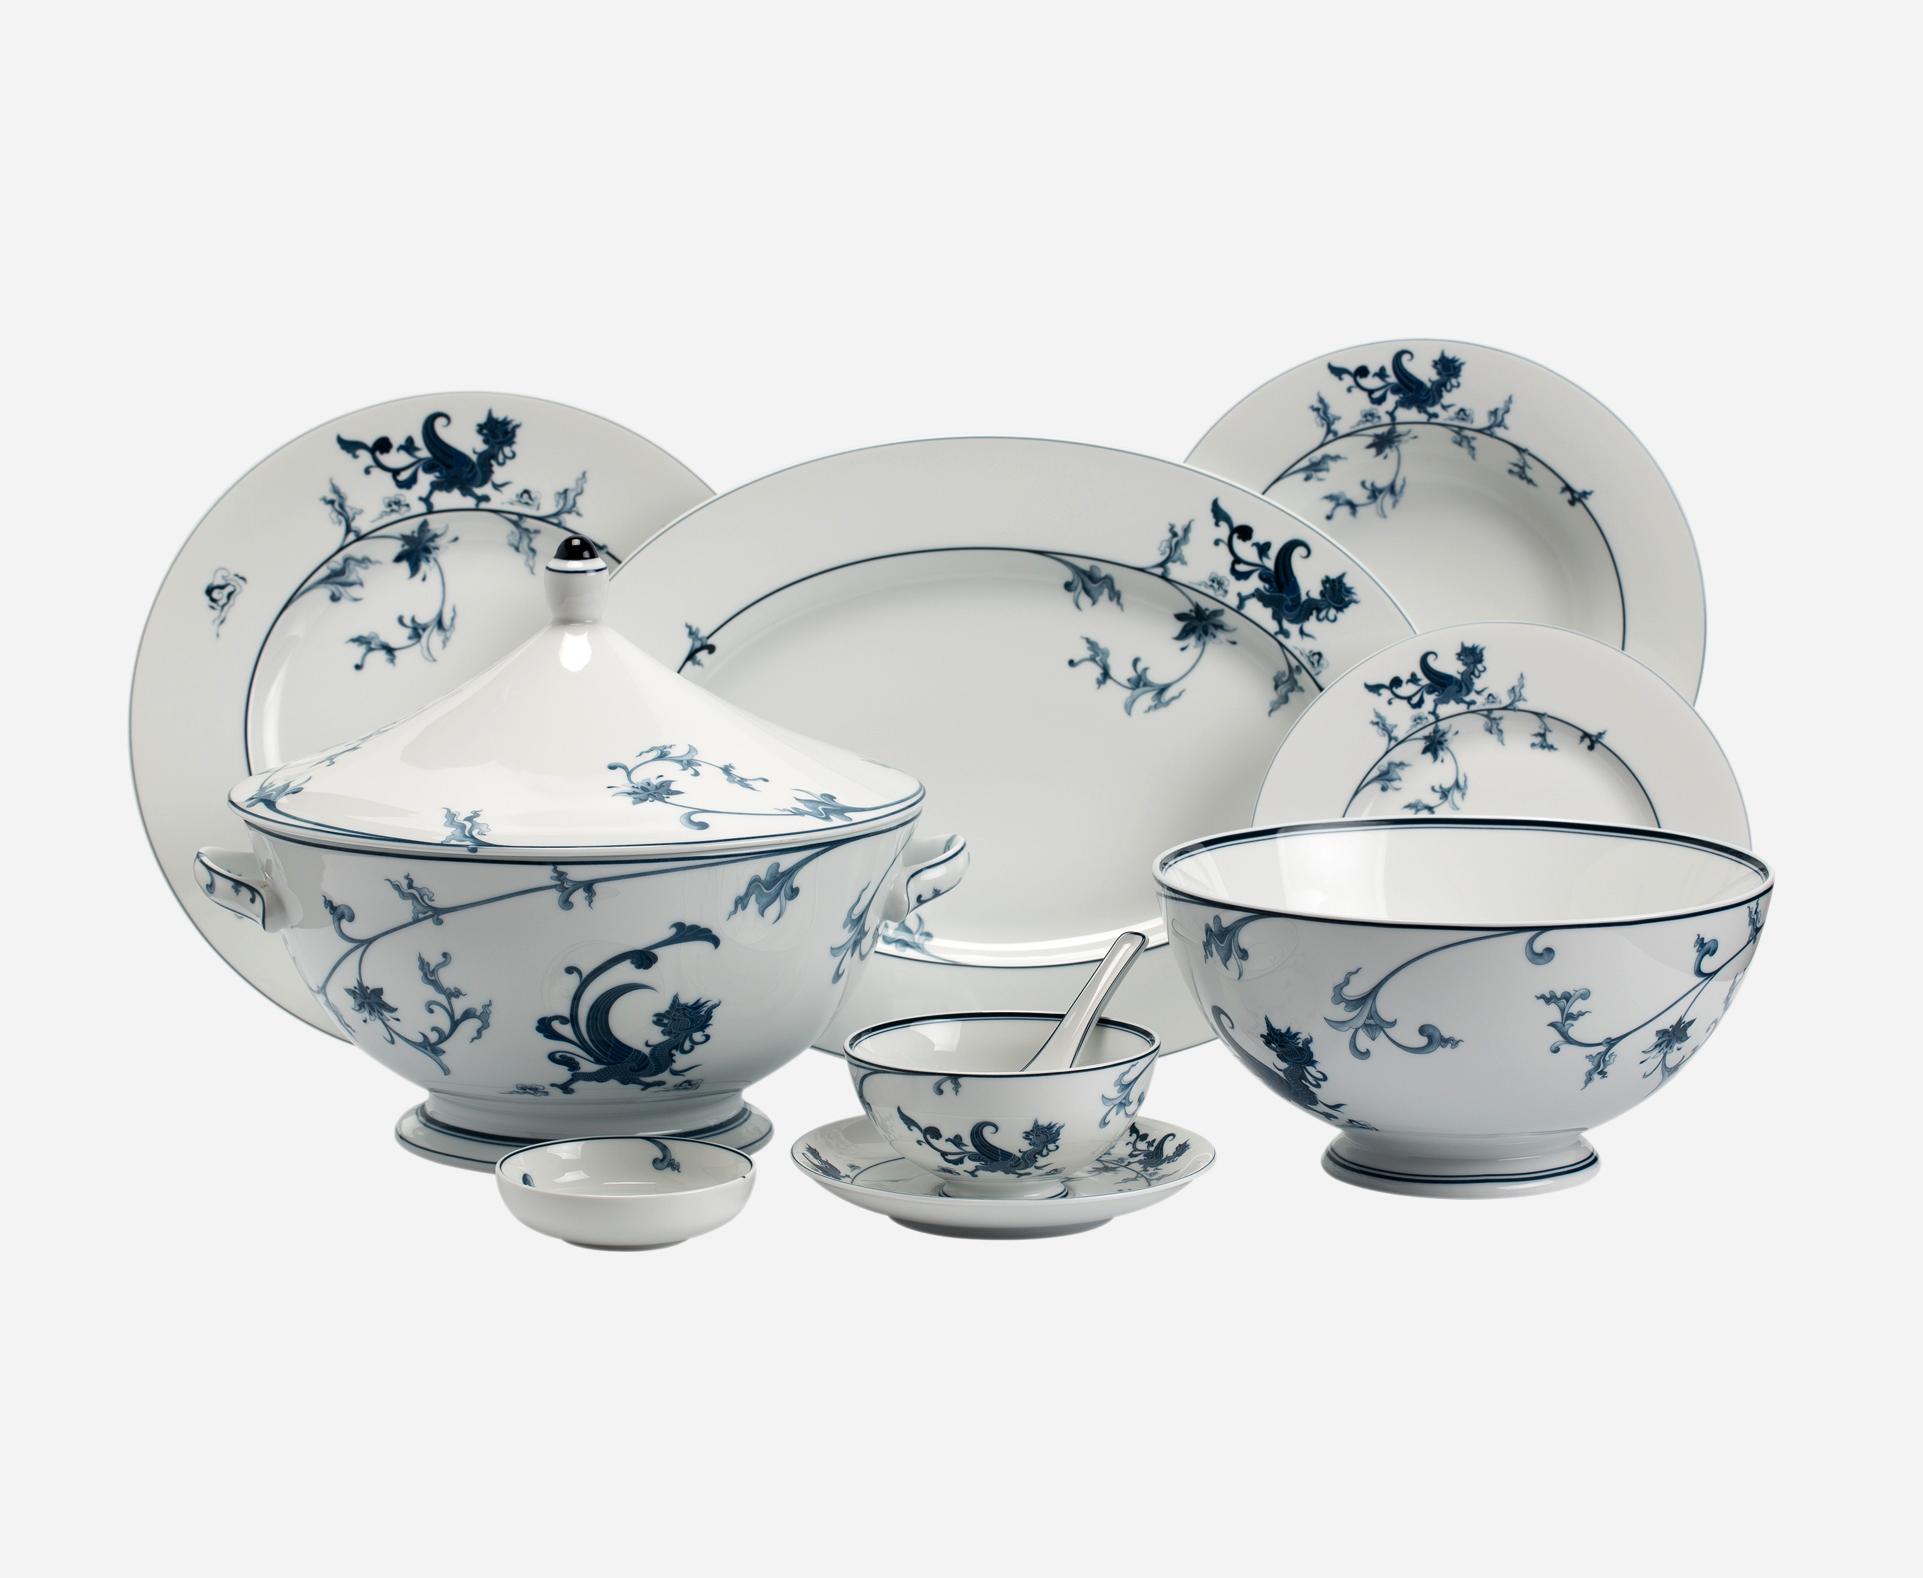 Bộ bàn ăn 30sp Hoàng Cung Lạc Hồng 30208 Minh Long